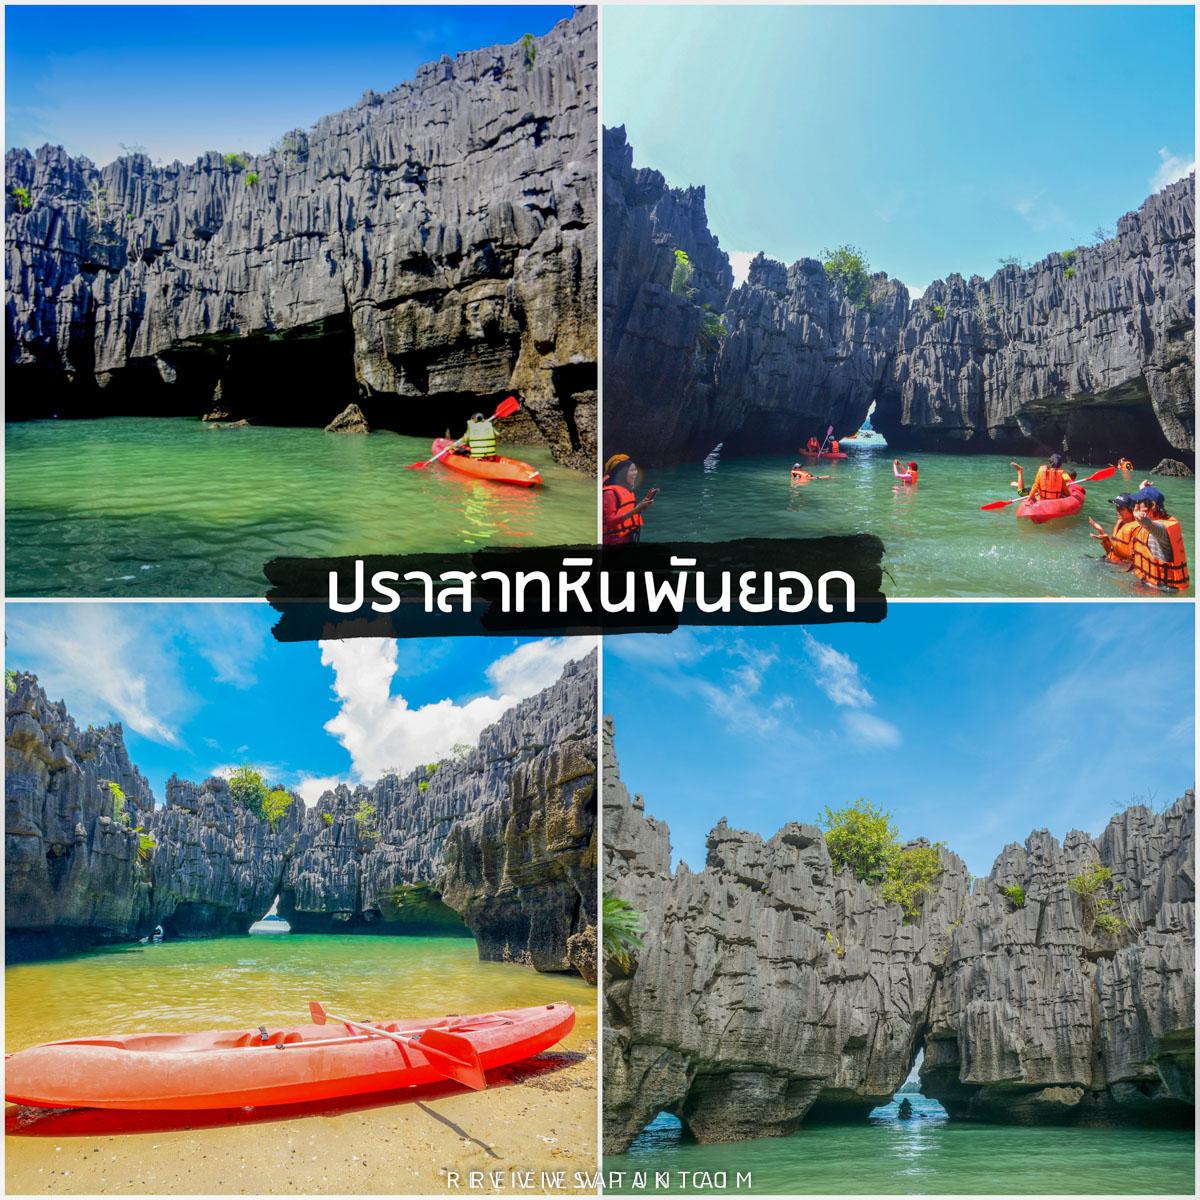 ปราสาทหินพันยอด ความสวยงามของธรรมชาติที่แปลกตากับปราสาทหินที่มีลักษณะคล้ายปราสาทบอกได้เลยว่าว้าวววว รายละเอียด คลิก จุดเช็คอิน,หลีเป๊ะ,สตูลสดยกกำลังสาม,satunwonderland,เที่ยวเมืองไทยAmazingกว่าเดิม,ชีพจรลงSouth